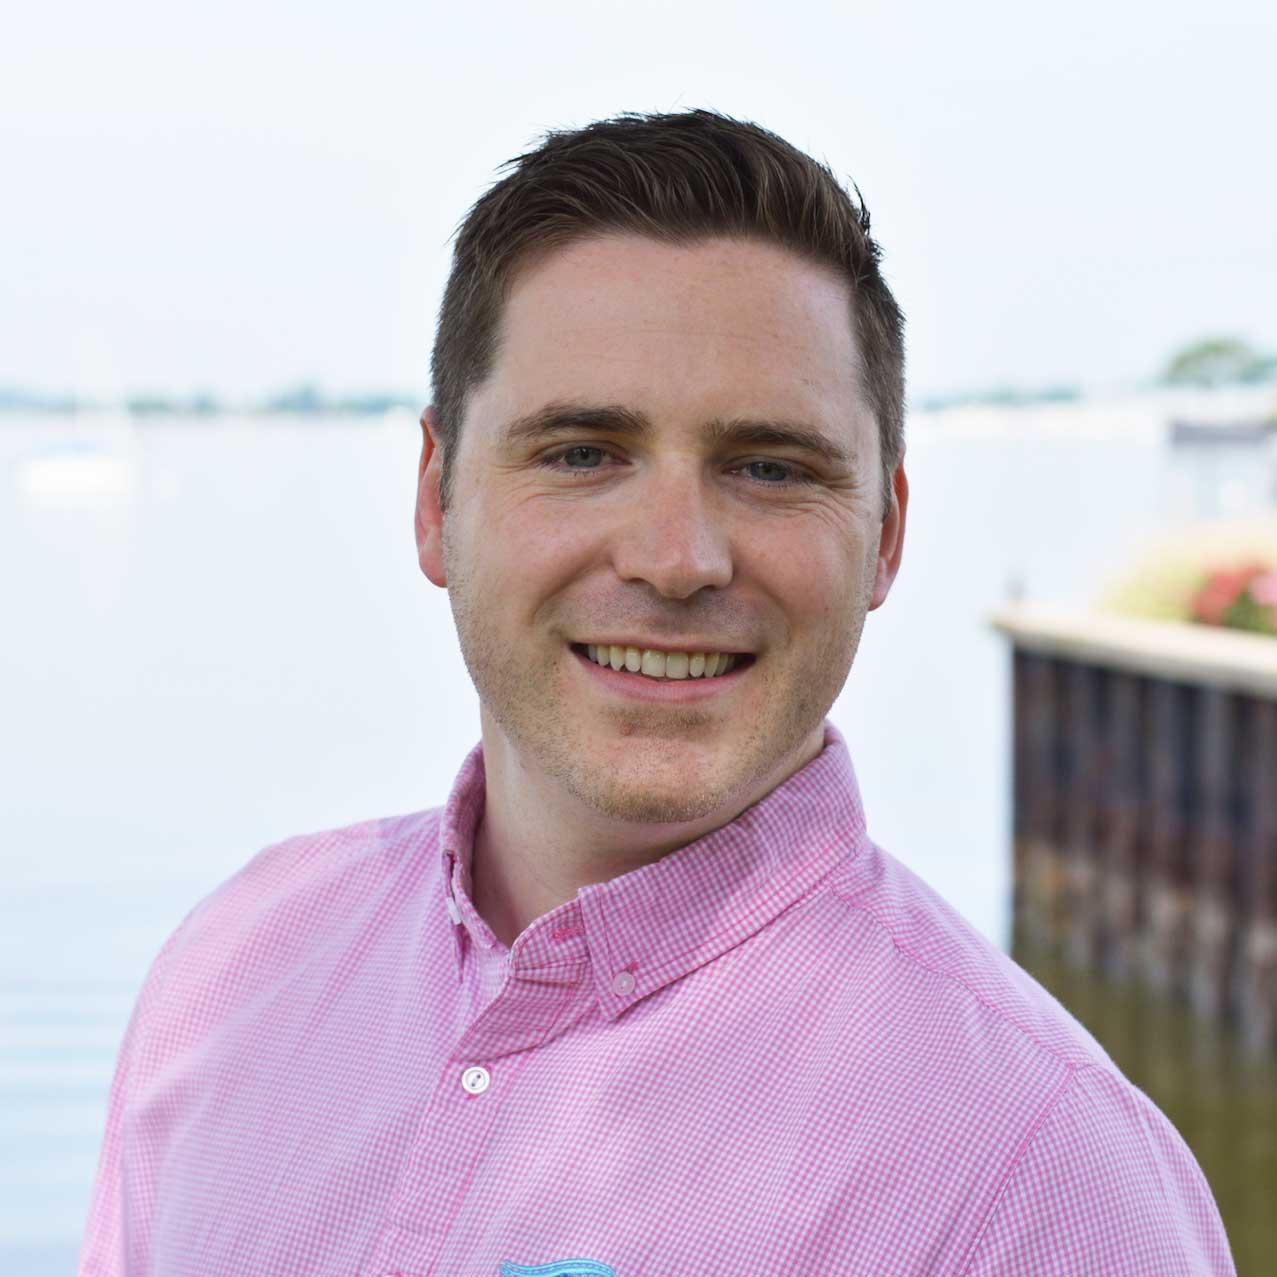 Patrick Bardsley, Co-Founder & CEO